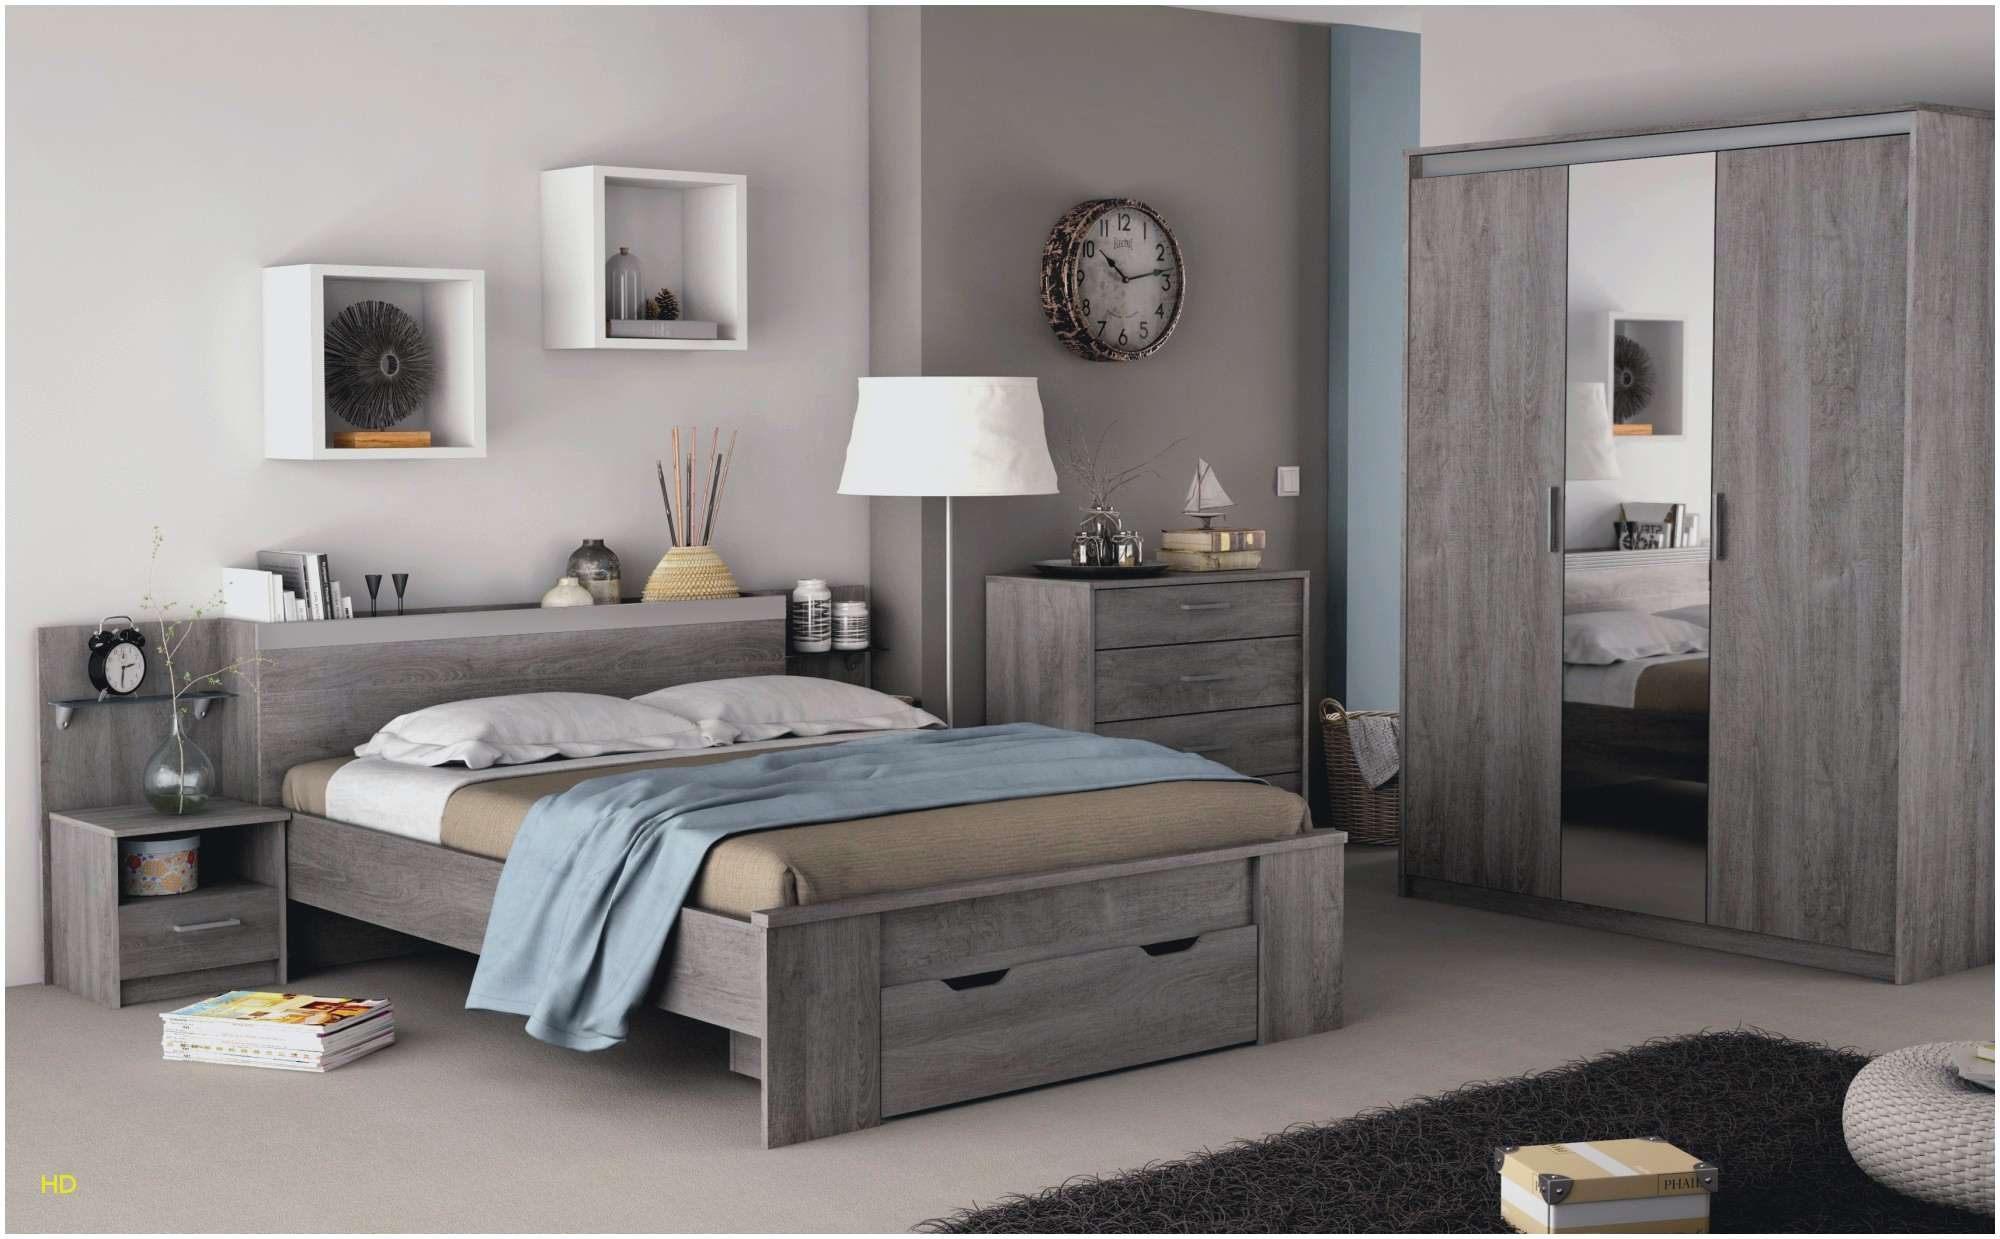 Lit 90×190 Avec sommier Et Matelas Magnifique Luxe Conforama Chambre A Coucher Lit Moderne Conforama sommier